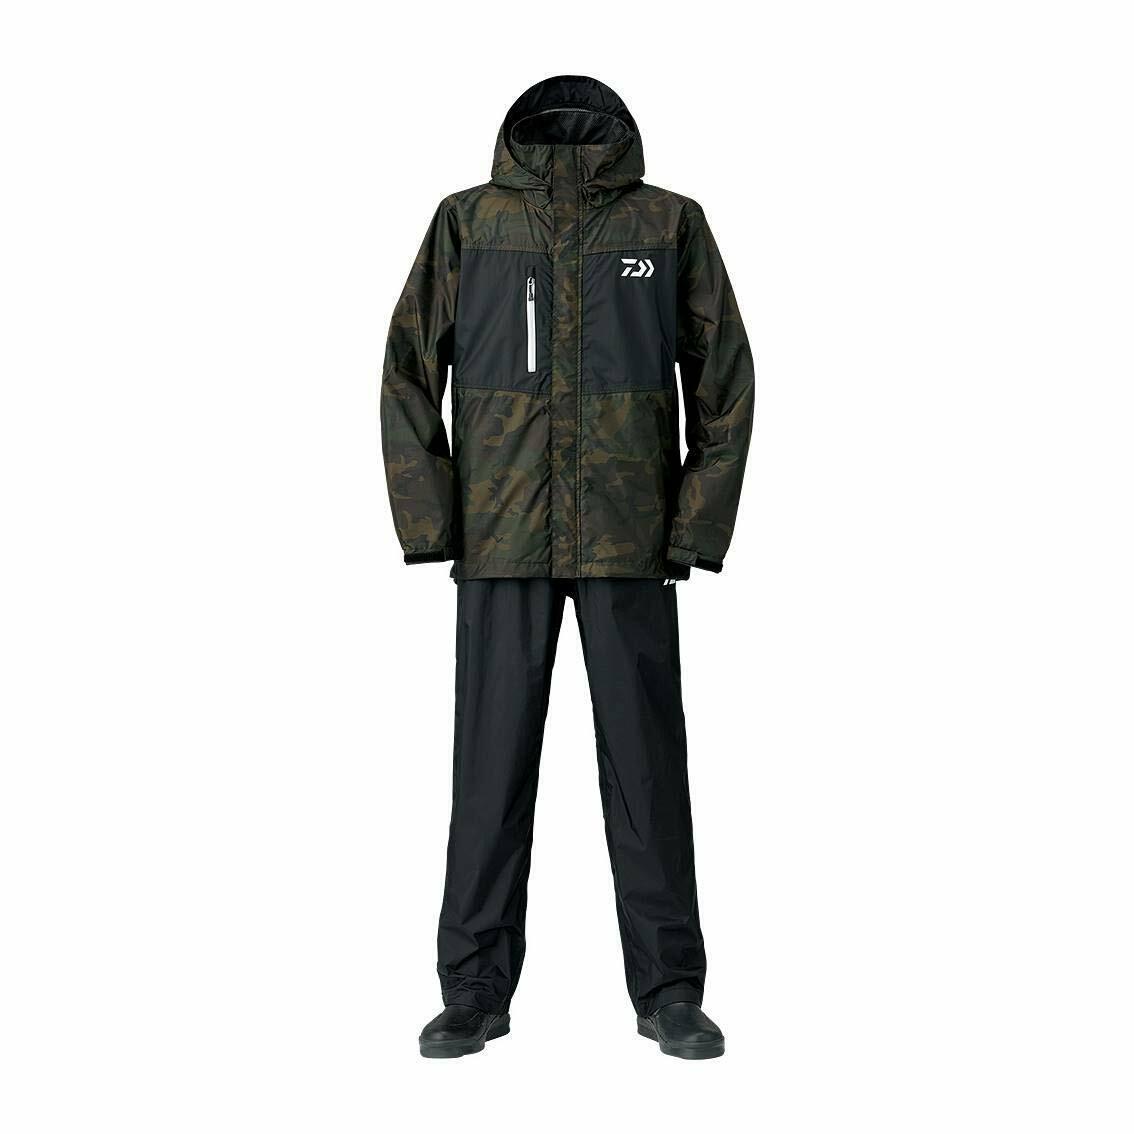 167 173 Grün Camouflage DR 36008 Pants Suit Max Rain